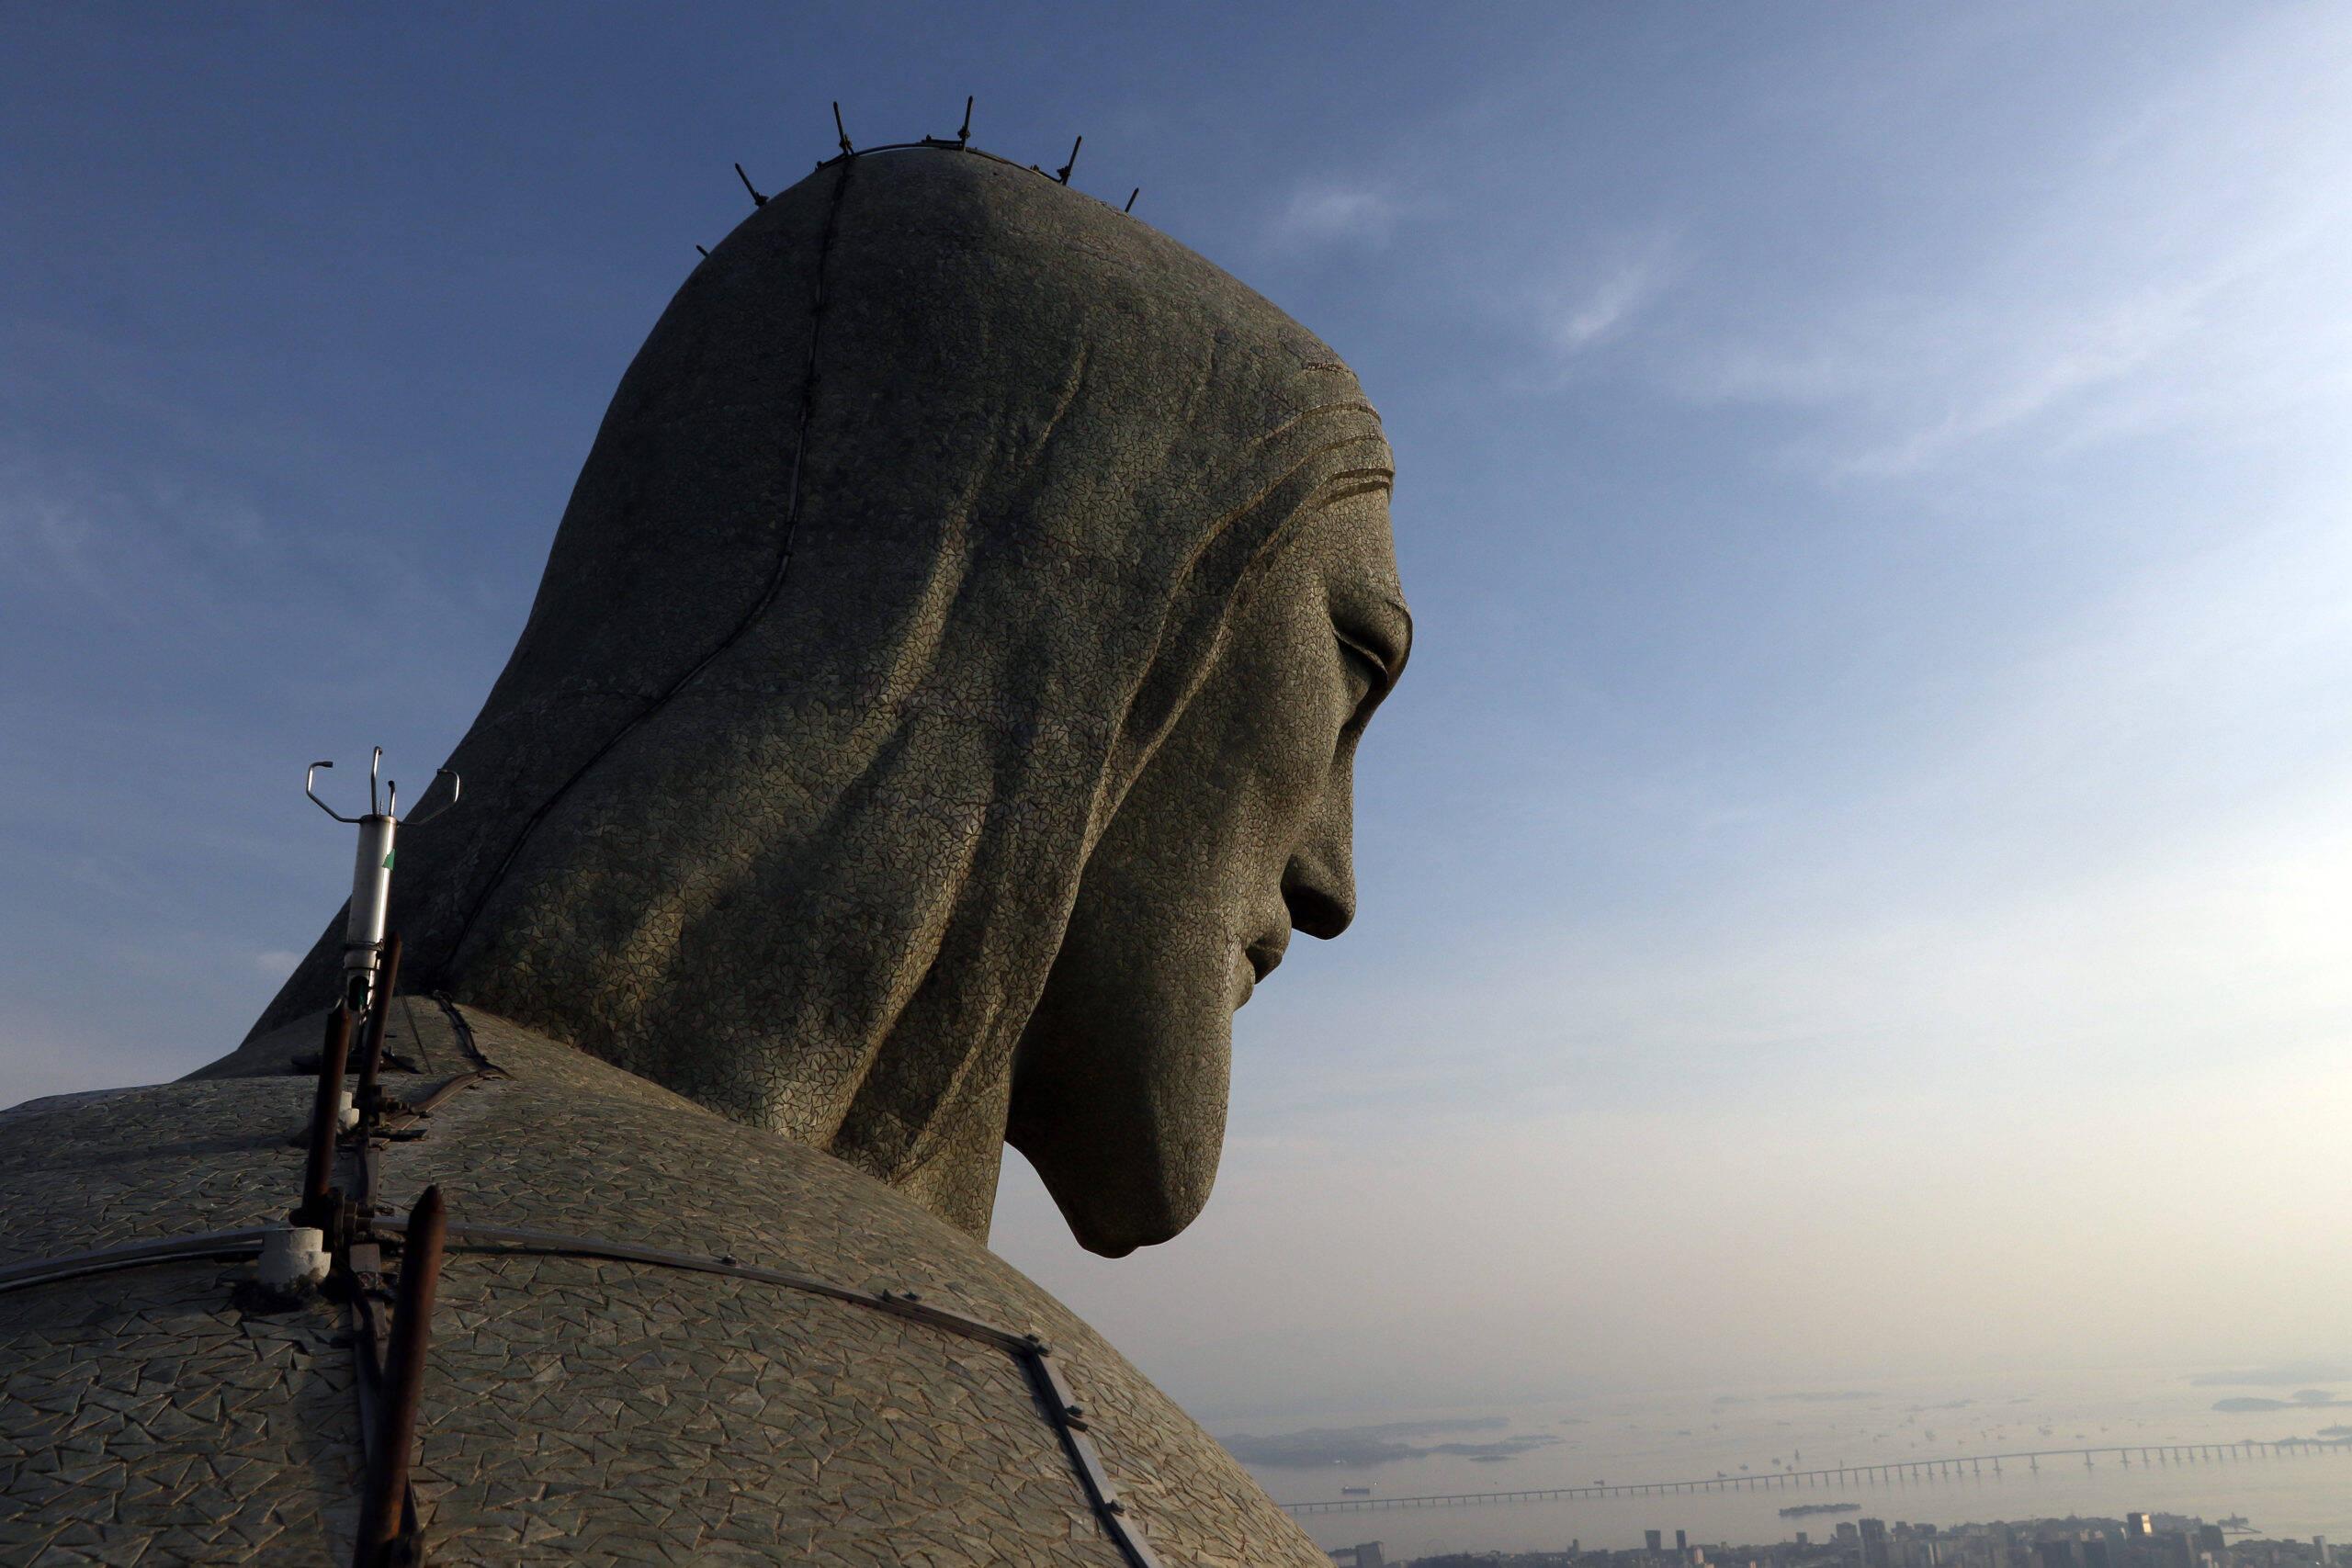 A cabeça do Cristo possui 3,75 metros e pesa 30 toneladas. (Foto: Tânia/Agência Brasil)